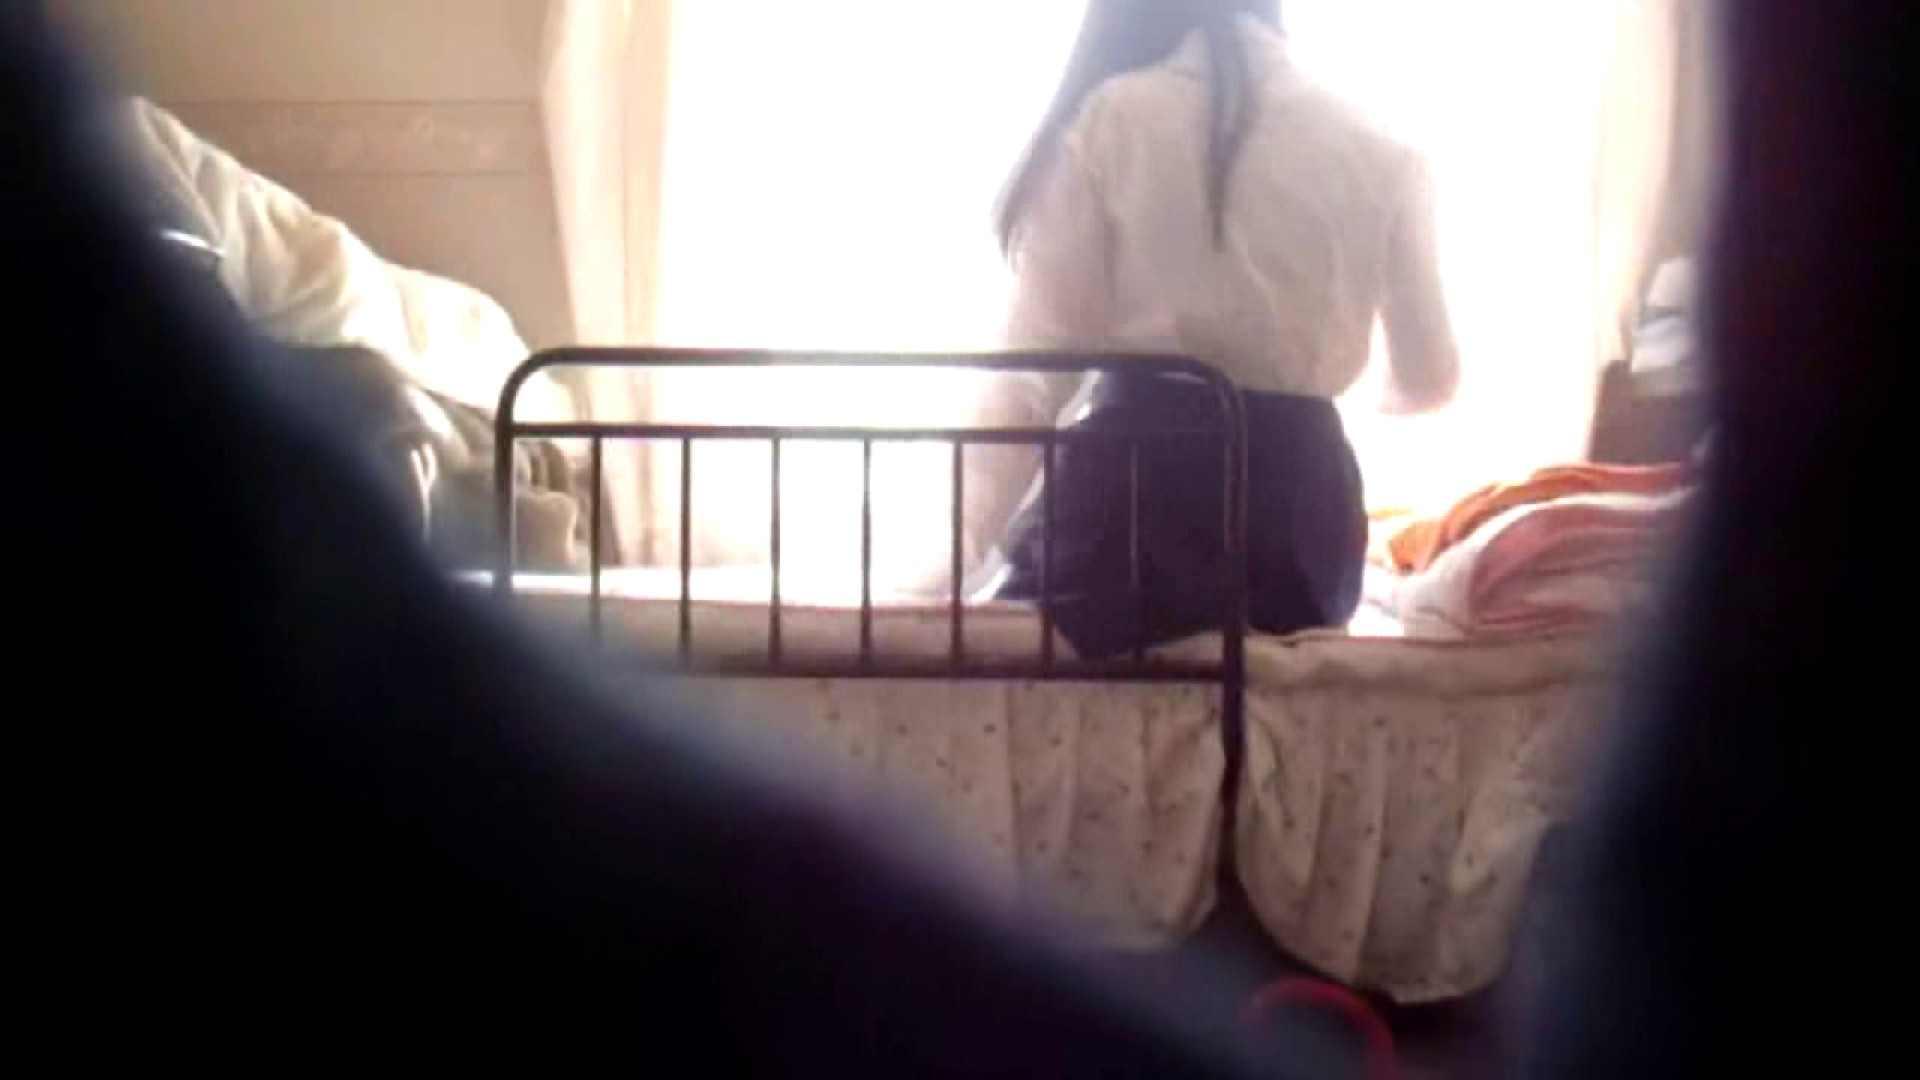 vol.4 まどかの帰宅後の部屋、ベッドで何かが始まります。 民家 SEX無修正画像 100画像 86